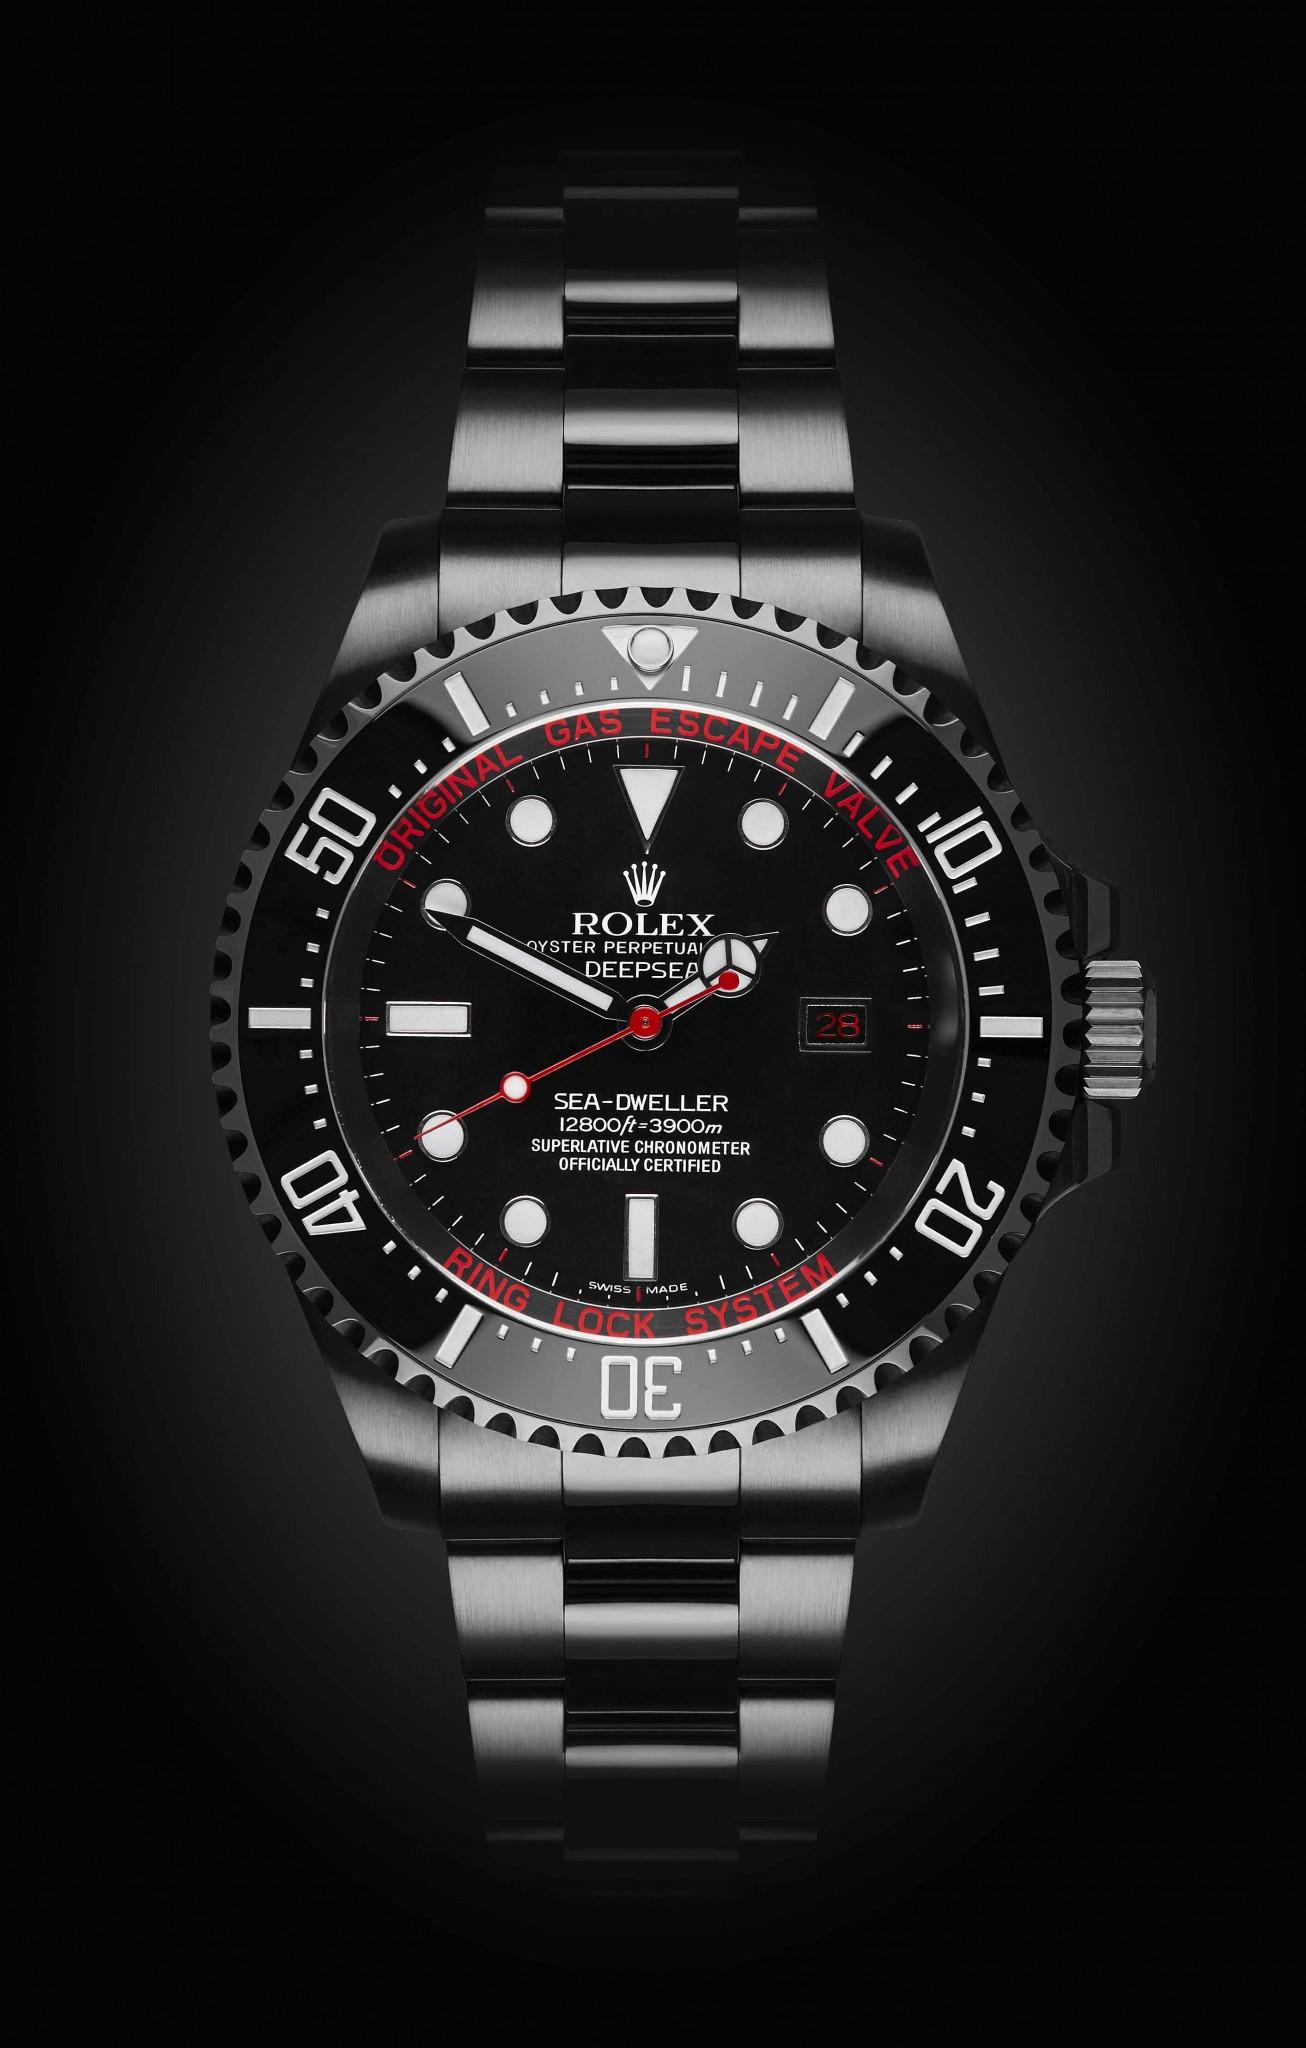 Rolex Deep Sea: Deep Red